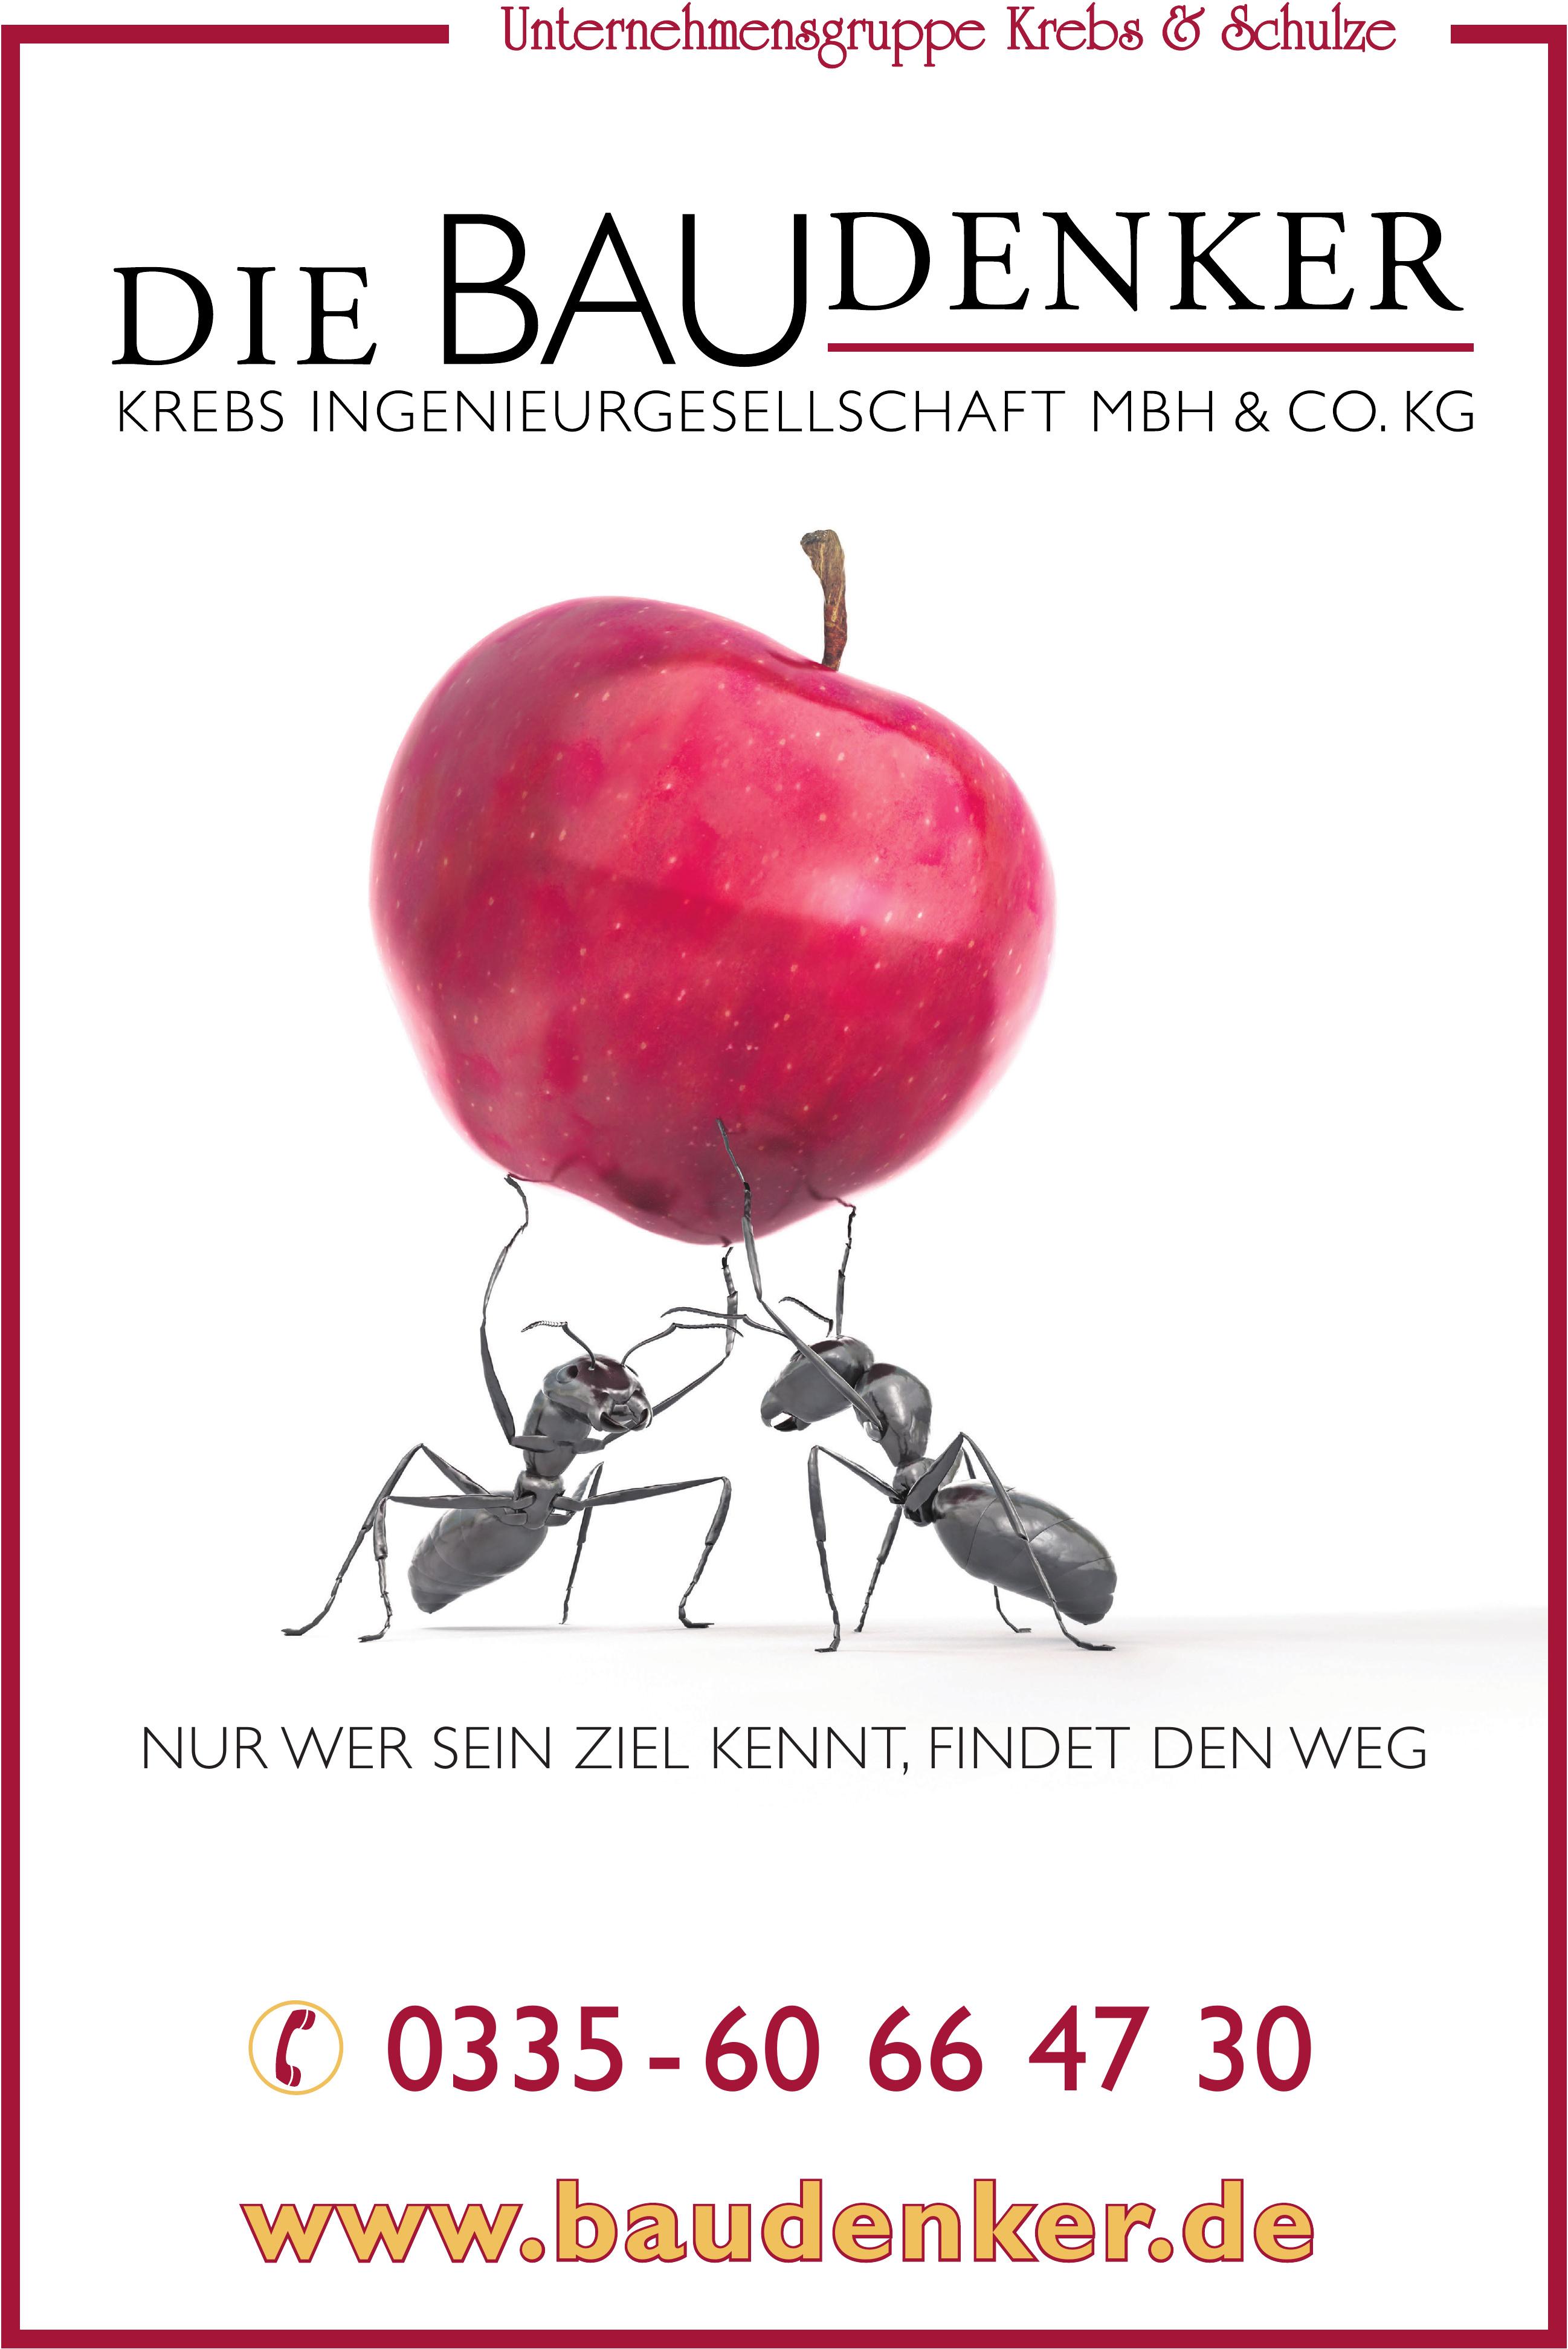 Die Baudenker Krebs Ingnieurgesellschaft mbH & Co.KG